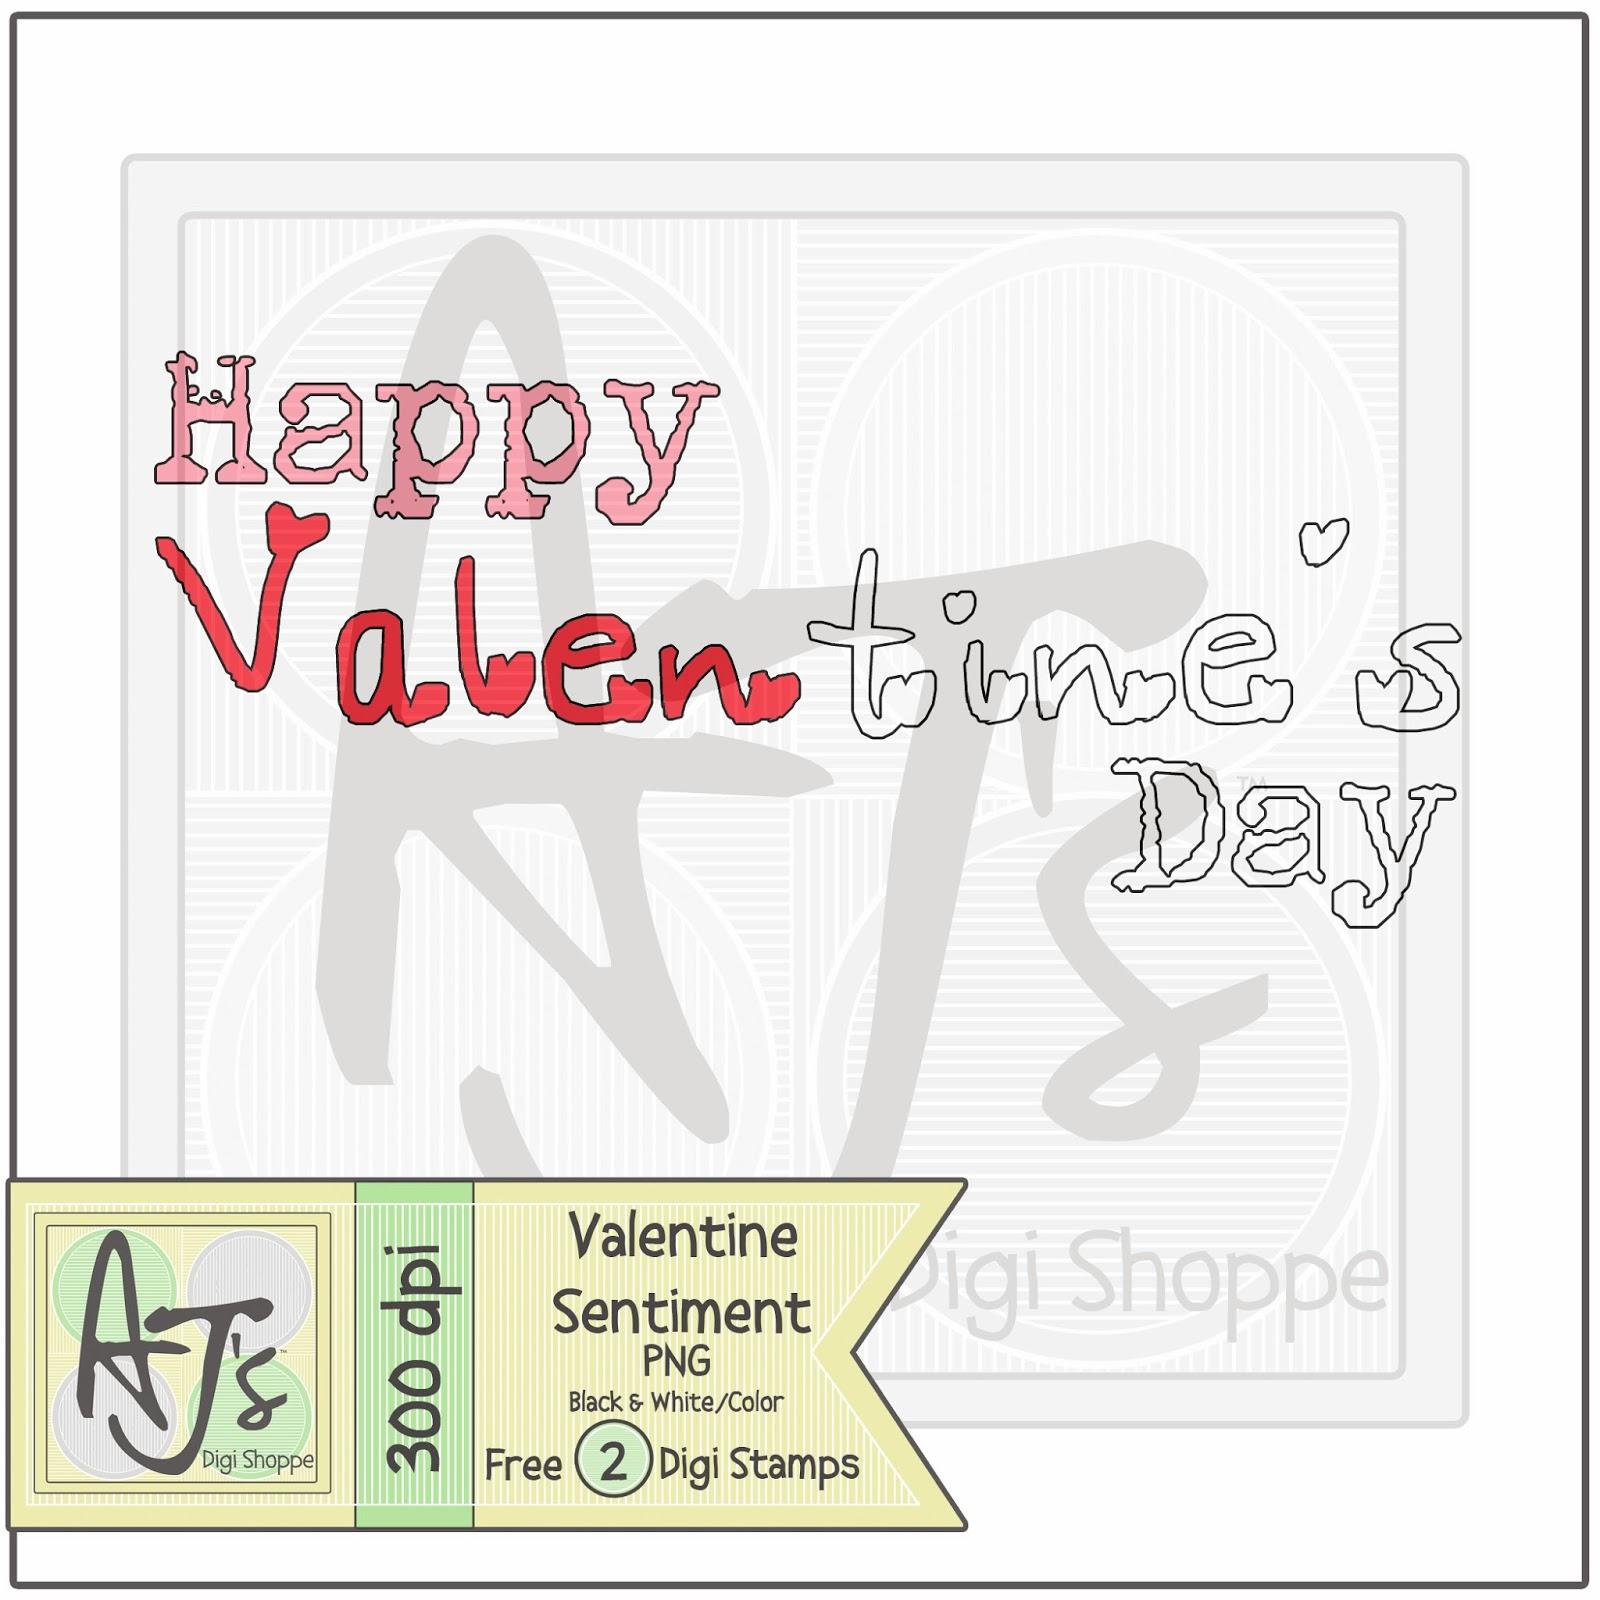 http://1.bp.blogspot.com/-XZ4Sl3PiJk4/Uv1Ad8B51YI/AAAAAAAAI08/hi4Pi0cc12s/s1600/Freebie+Valentine+Sentiment.jpg